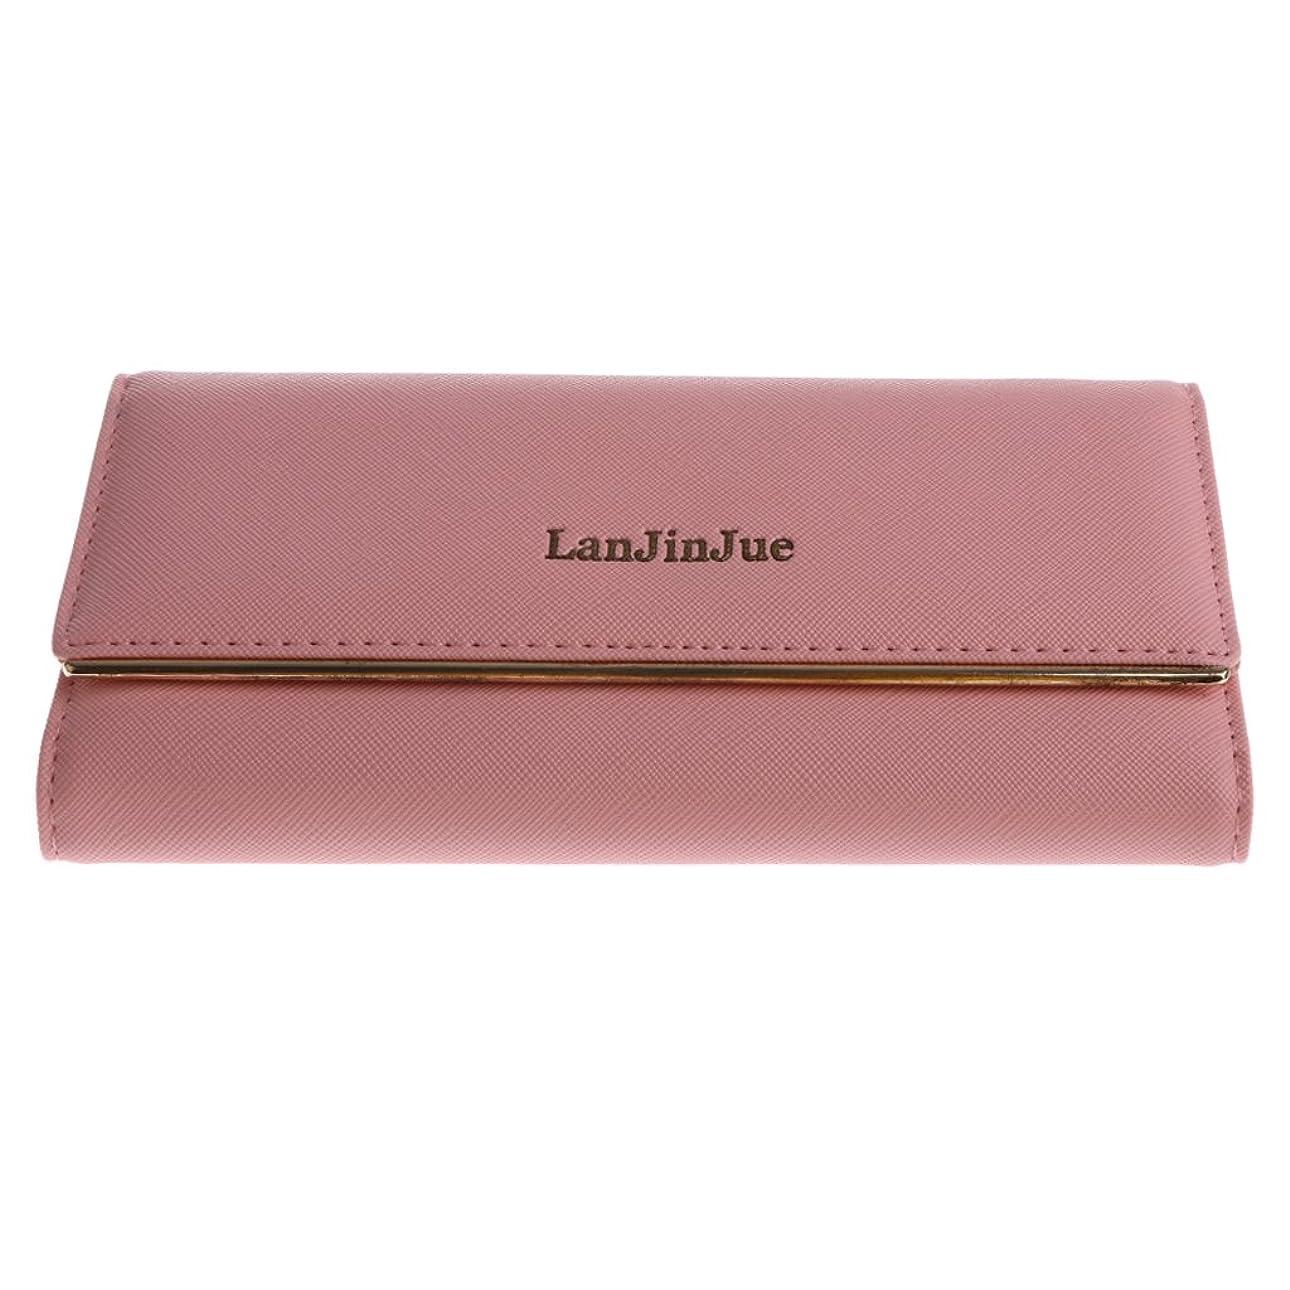 十一ユーザーラジエーターSONONIA 二つ折り財布 レディース クラッチ ロングカードケース 財布封筒 ハンドバッグ 全5色